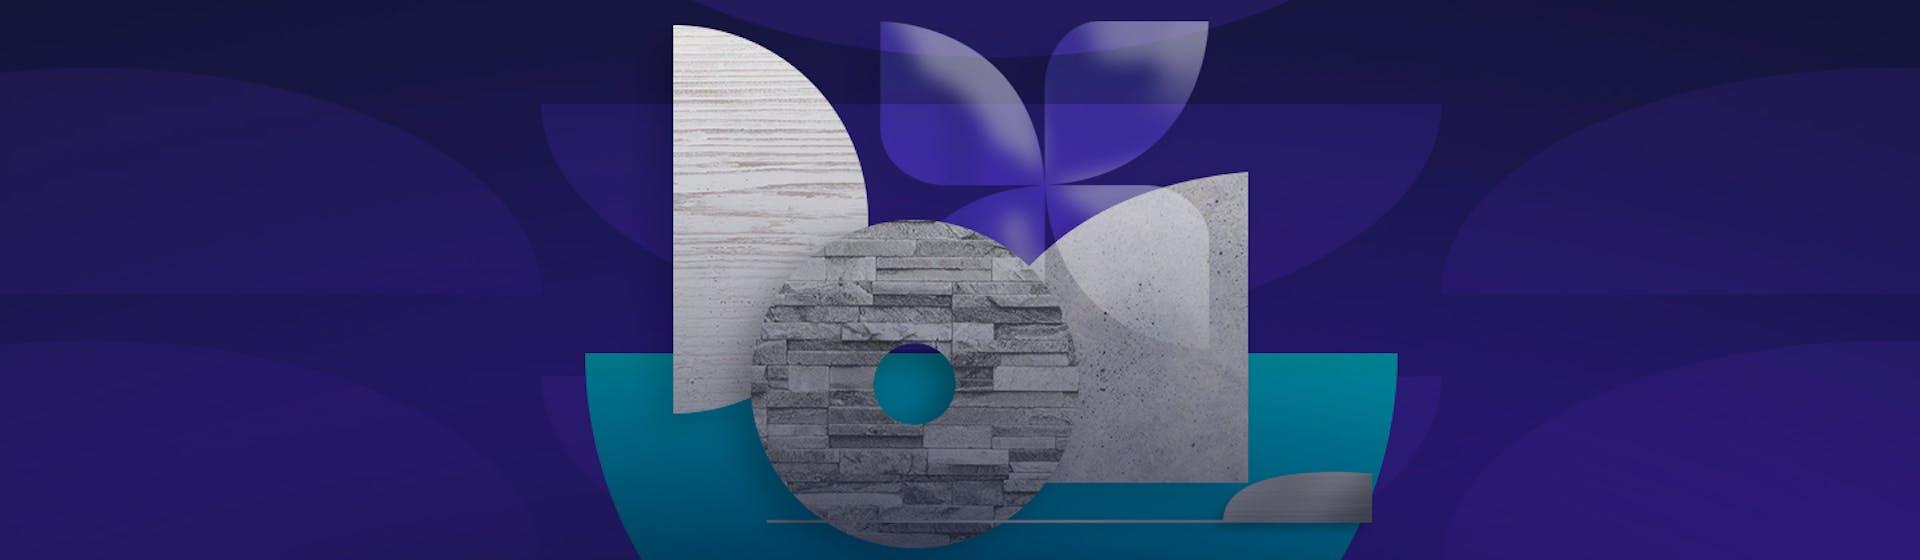 Los 6 materiales que más se utilizan en el diseño de interiores